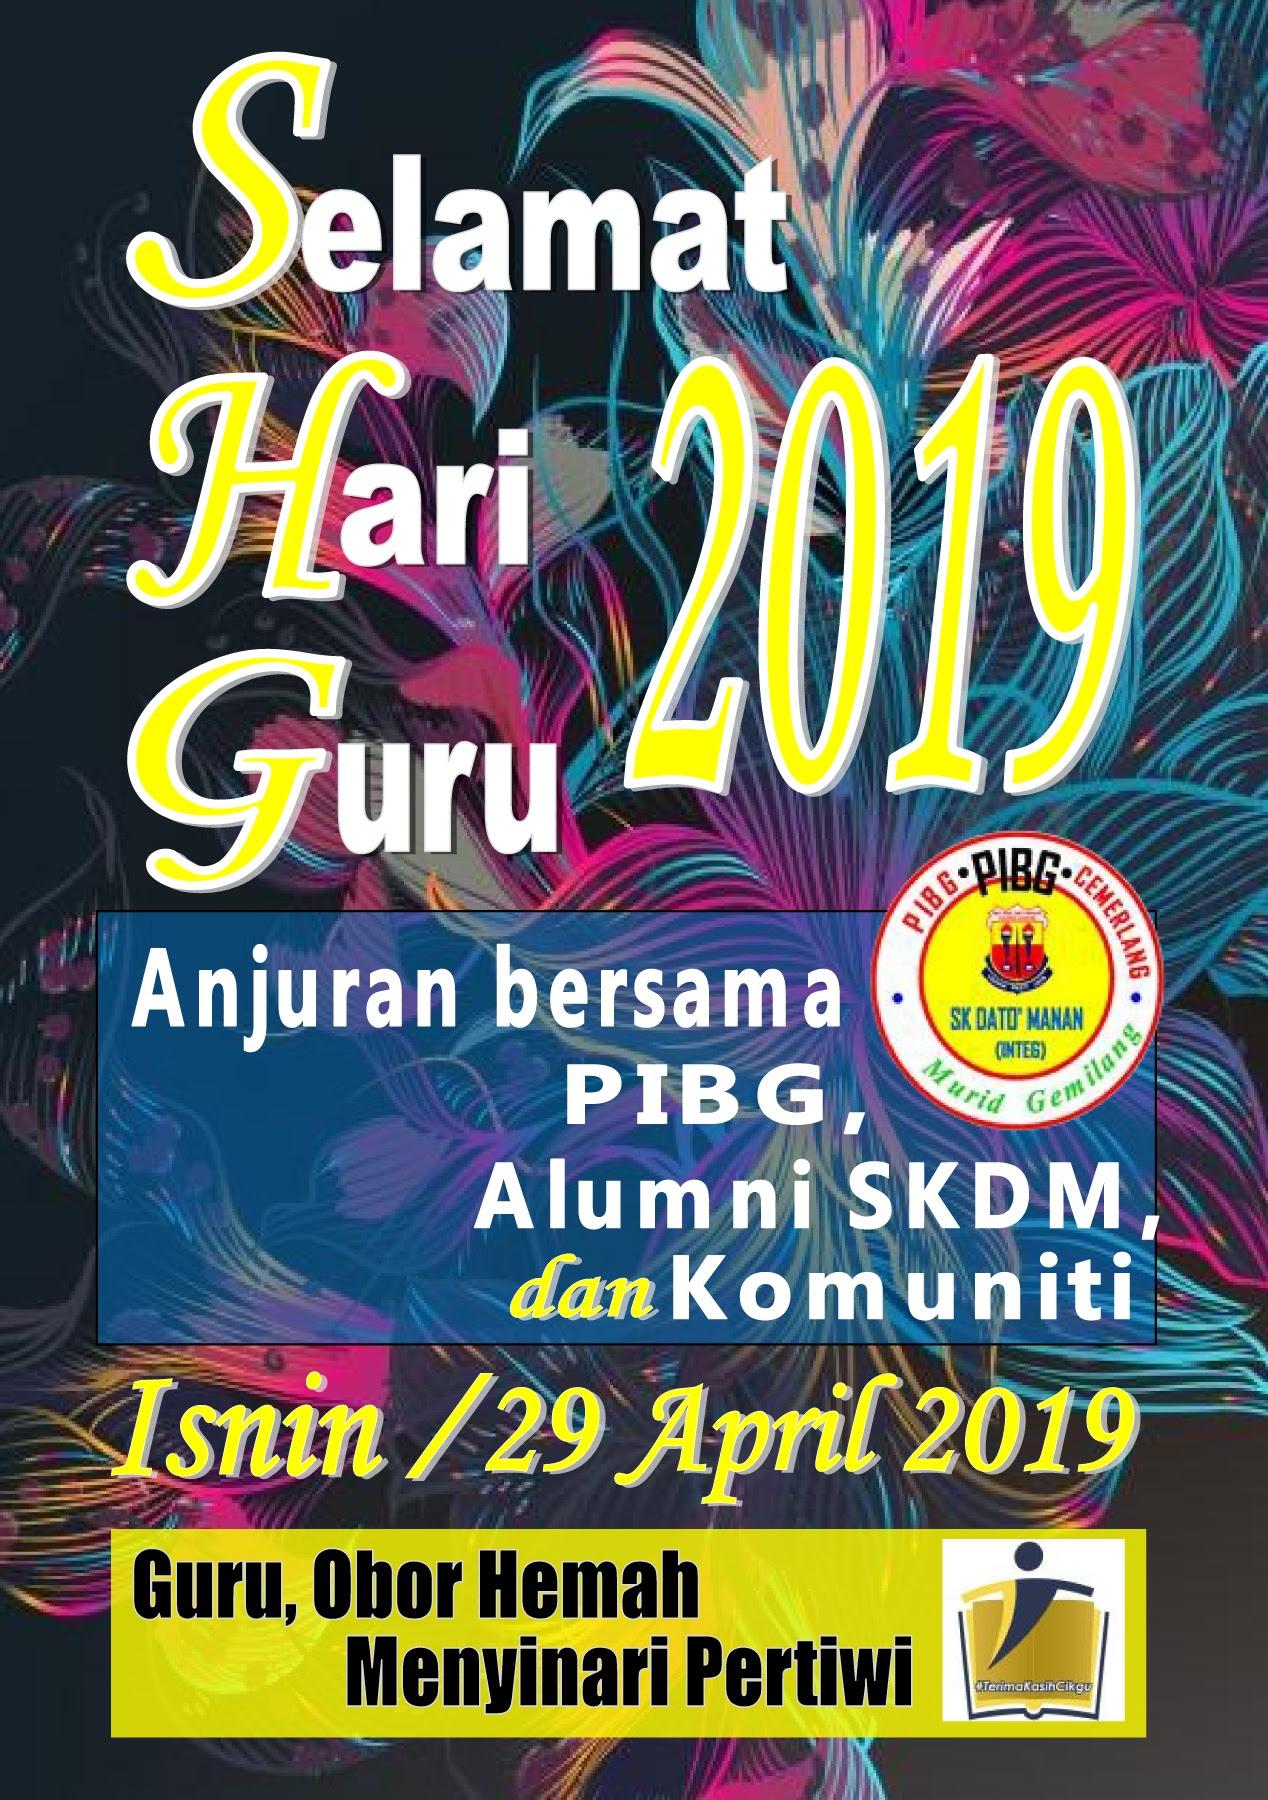 30+ Ide Keren Poster Ucapan Hari Guru 2019 - The Toosh